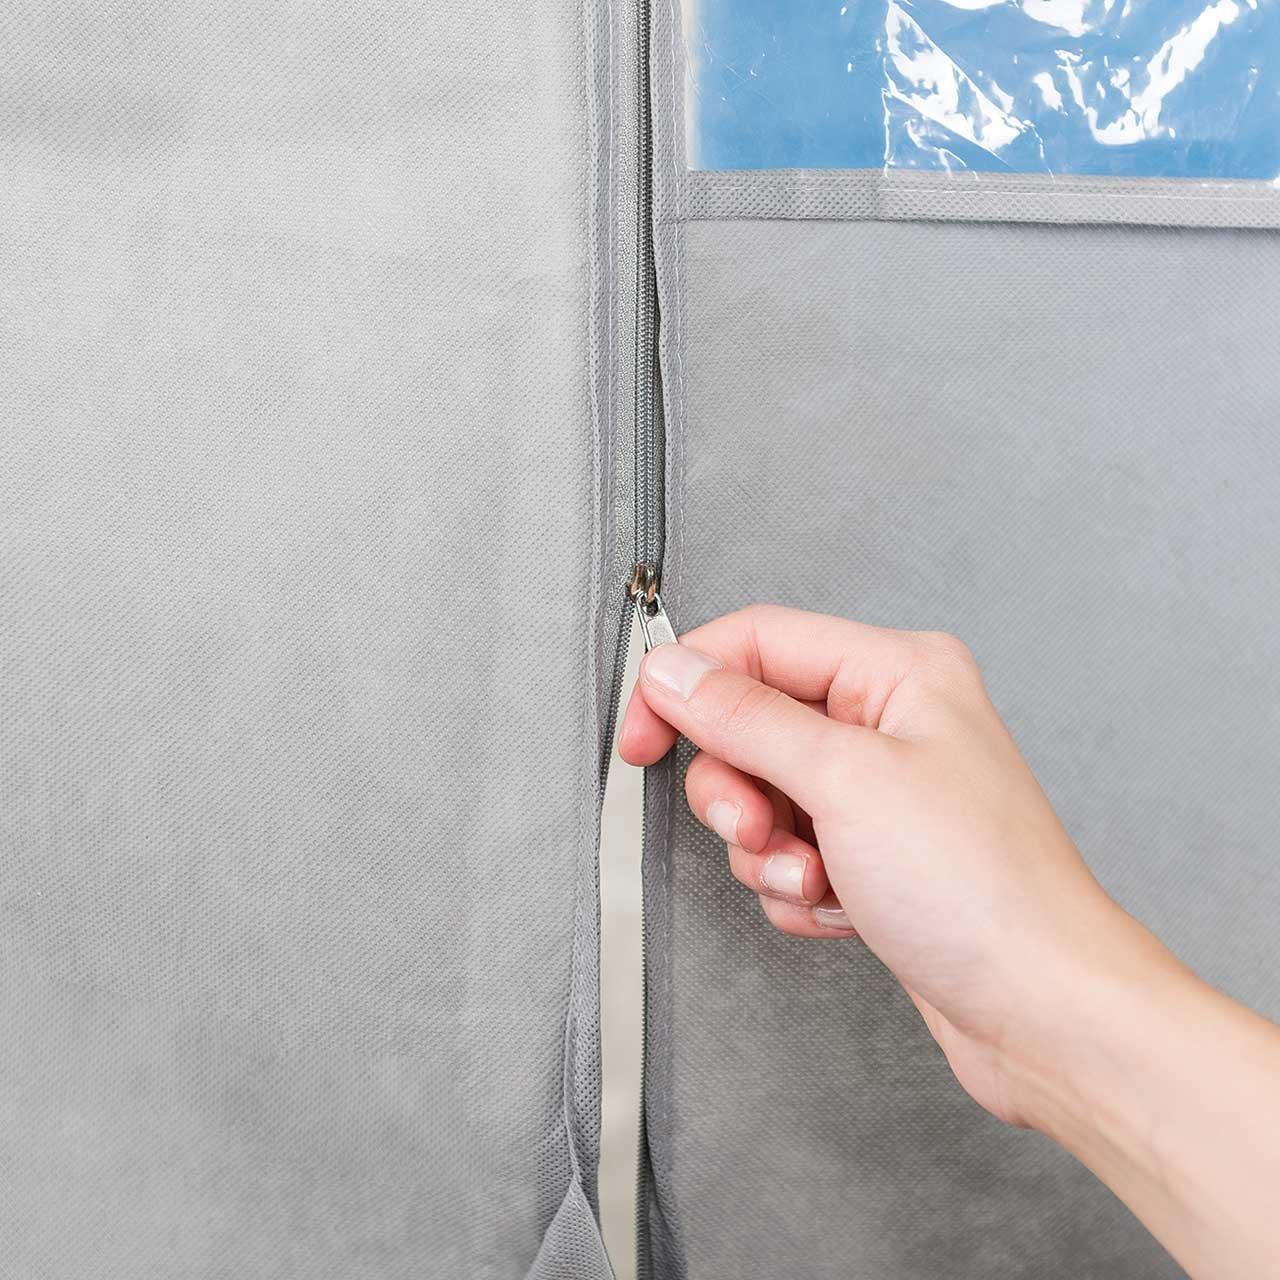 Rayen 6111 - Cubre tendedero para Ropa para Calefactor, Ajustable a Todos los tendederos, Gris: Amazon.es: Hogar